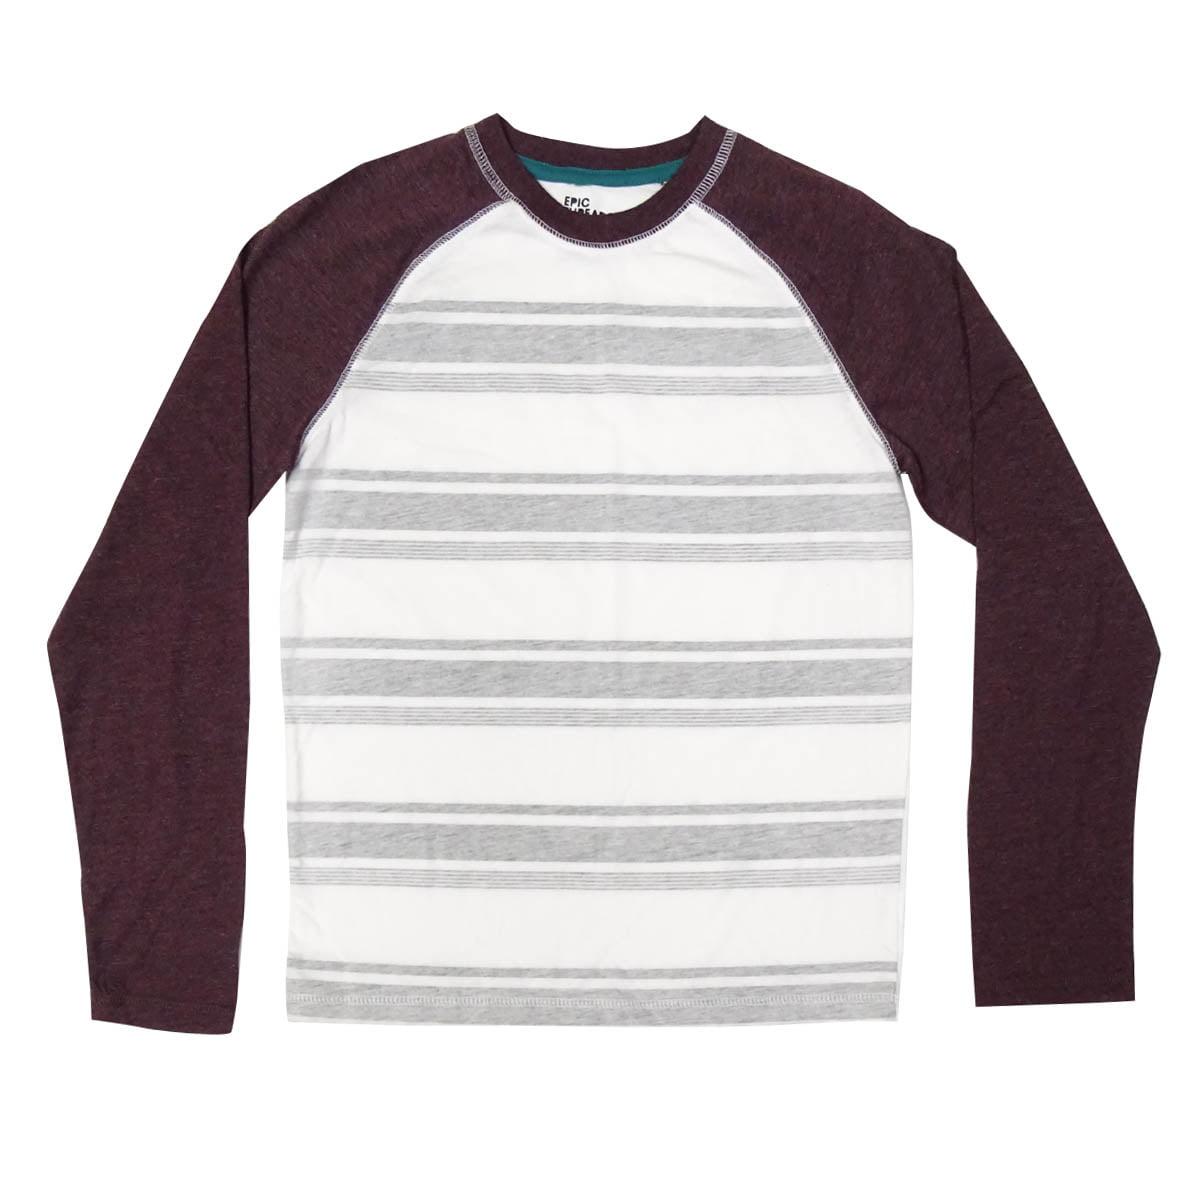 Epic Threads Boys' Shawnee Striped Raglan Shirt